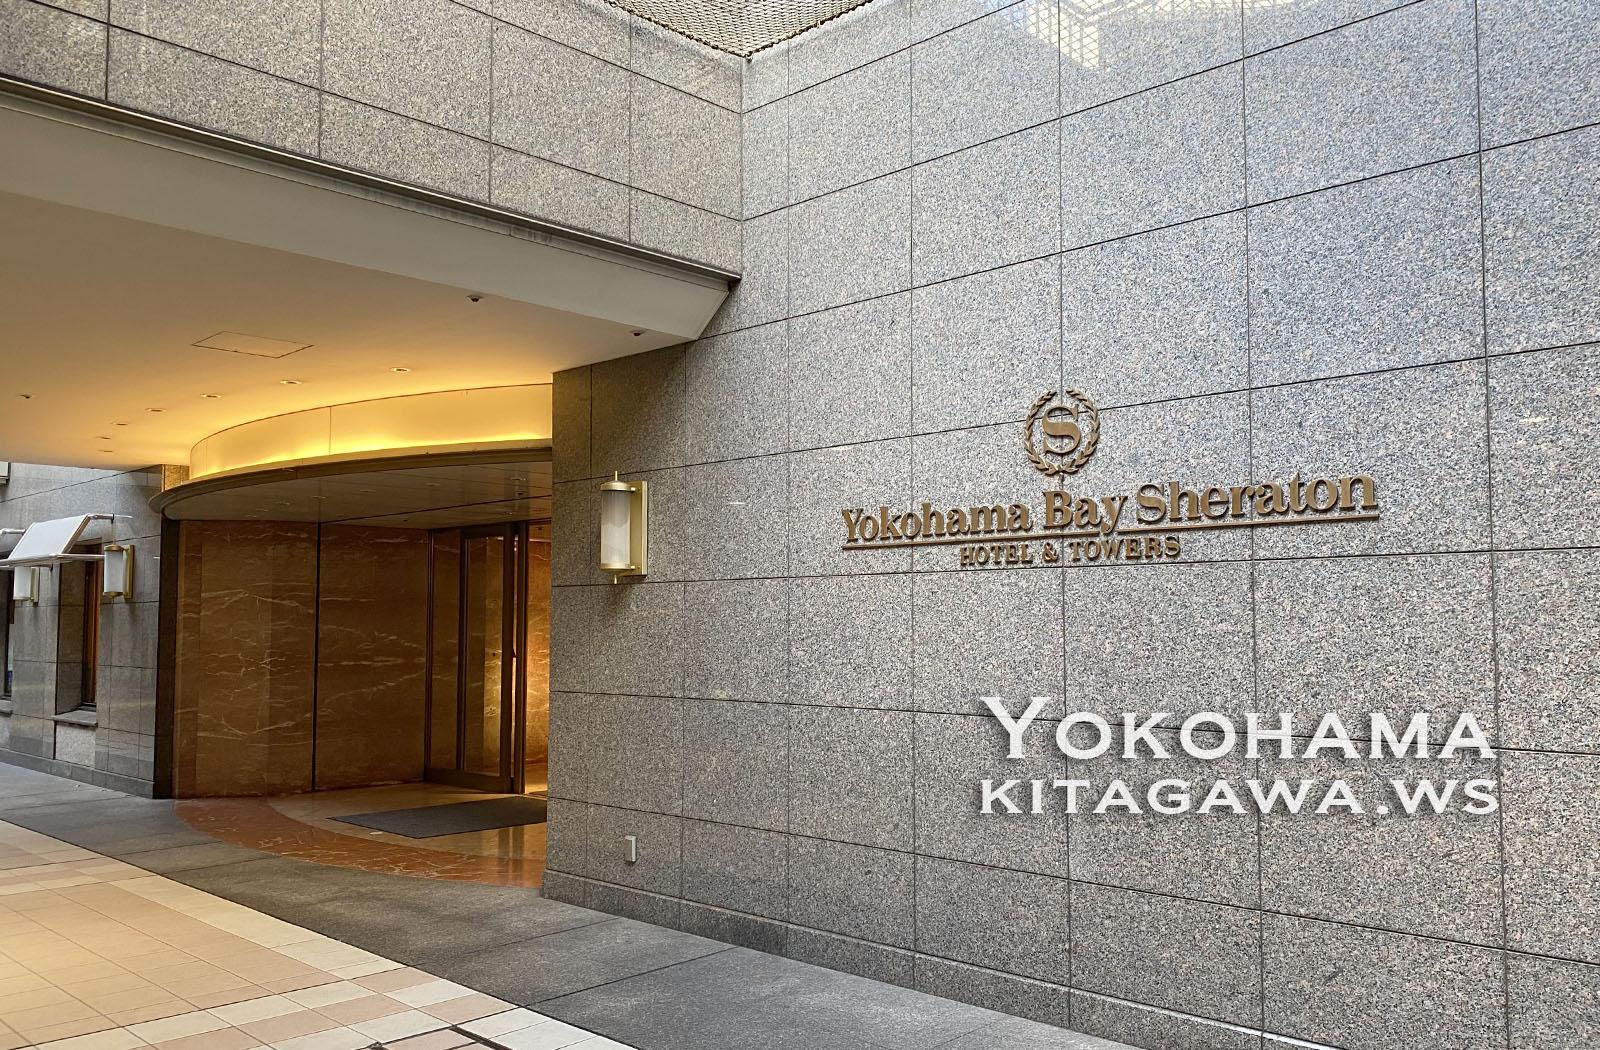 横浜シェラトン 行き方